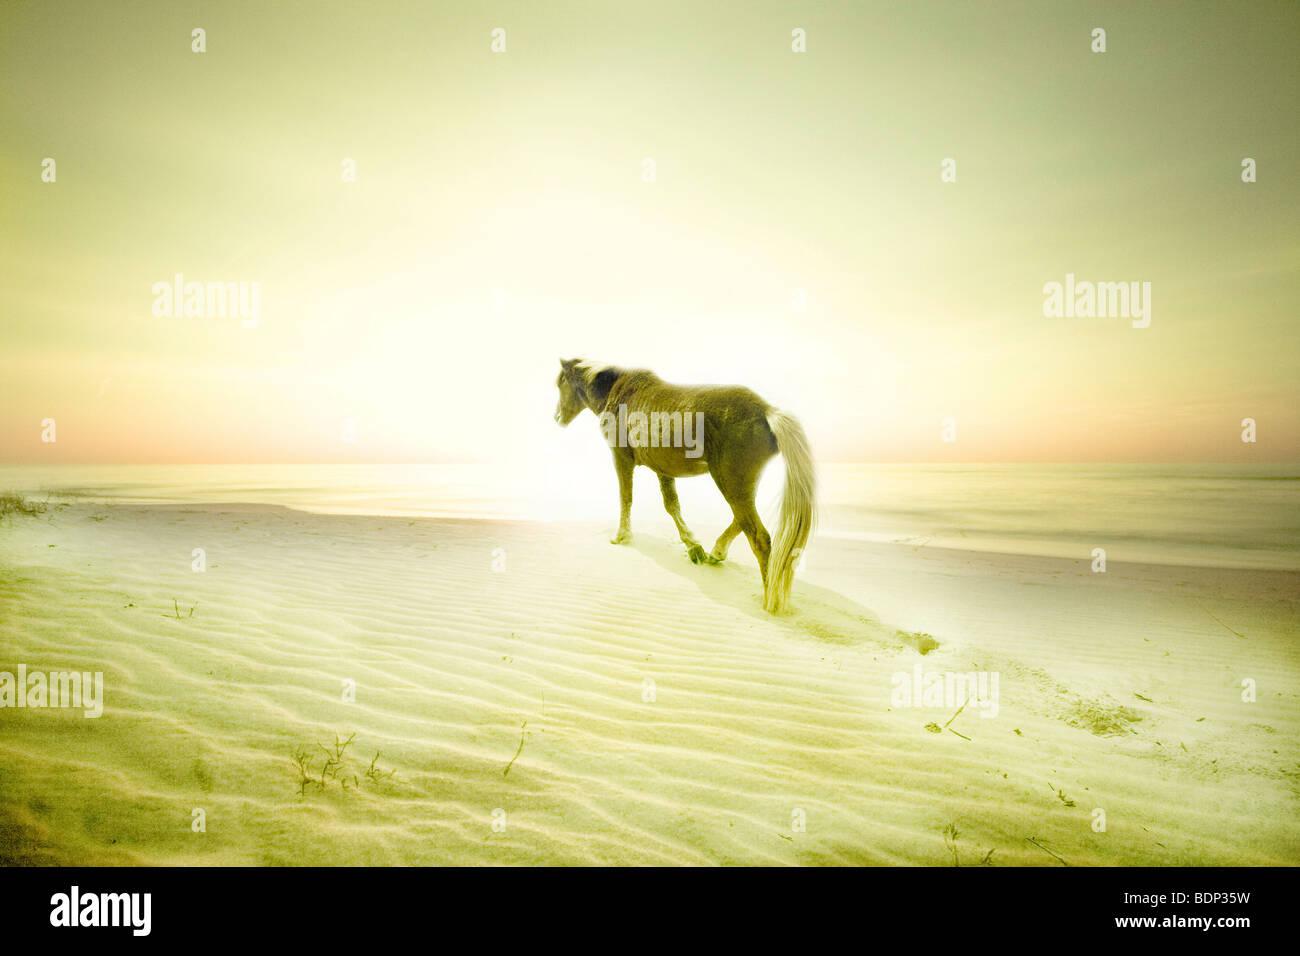 Ein Pony auf einem sandigen Strand Stockbild